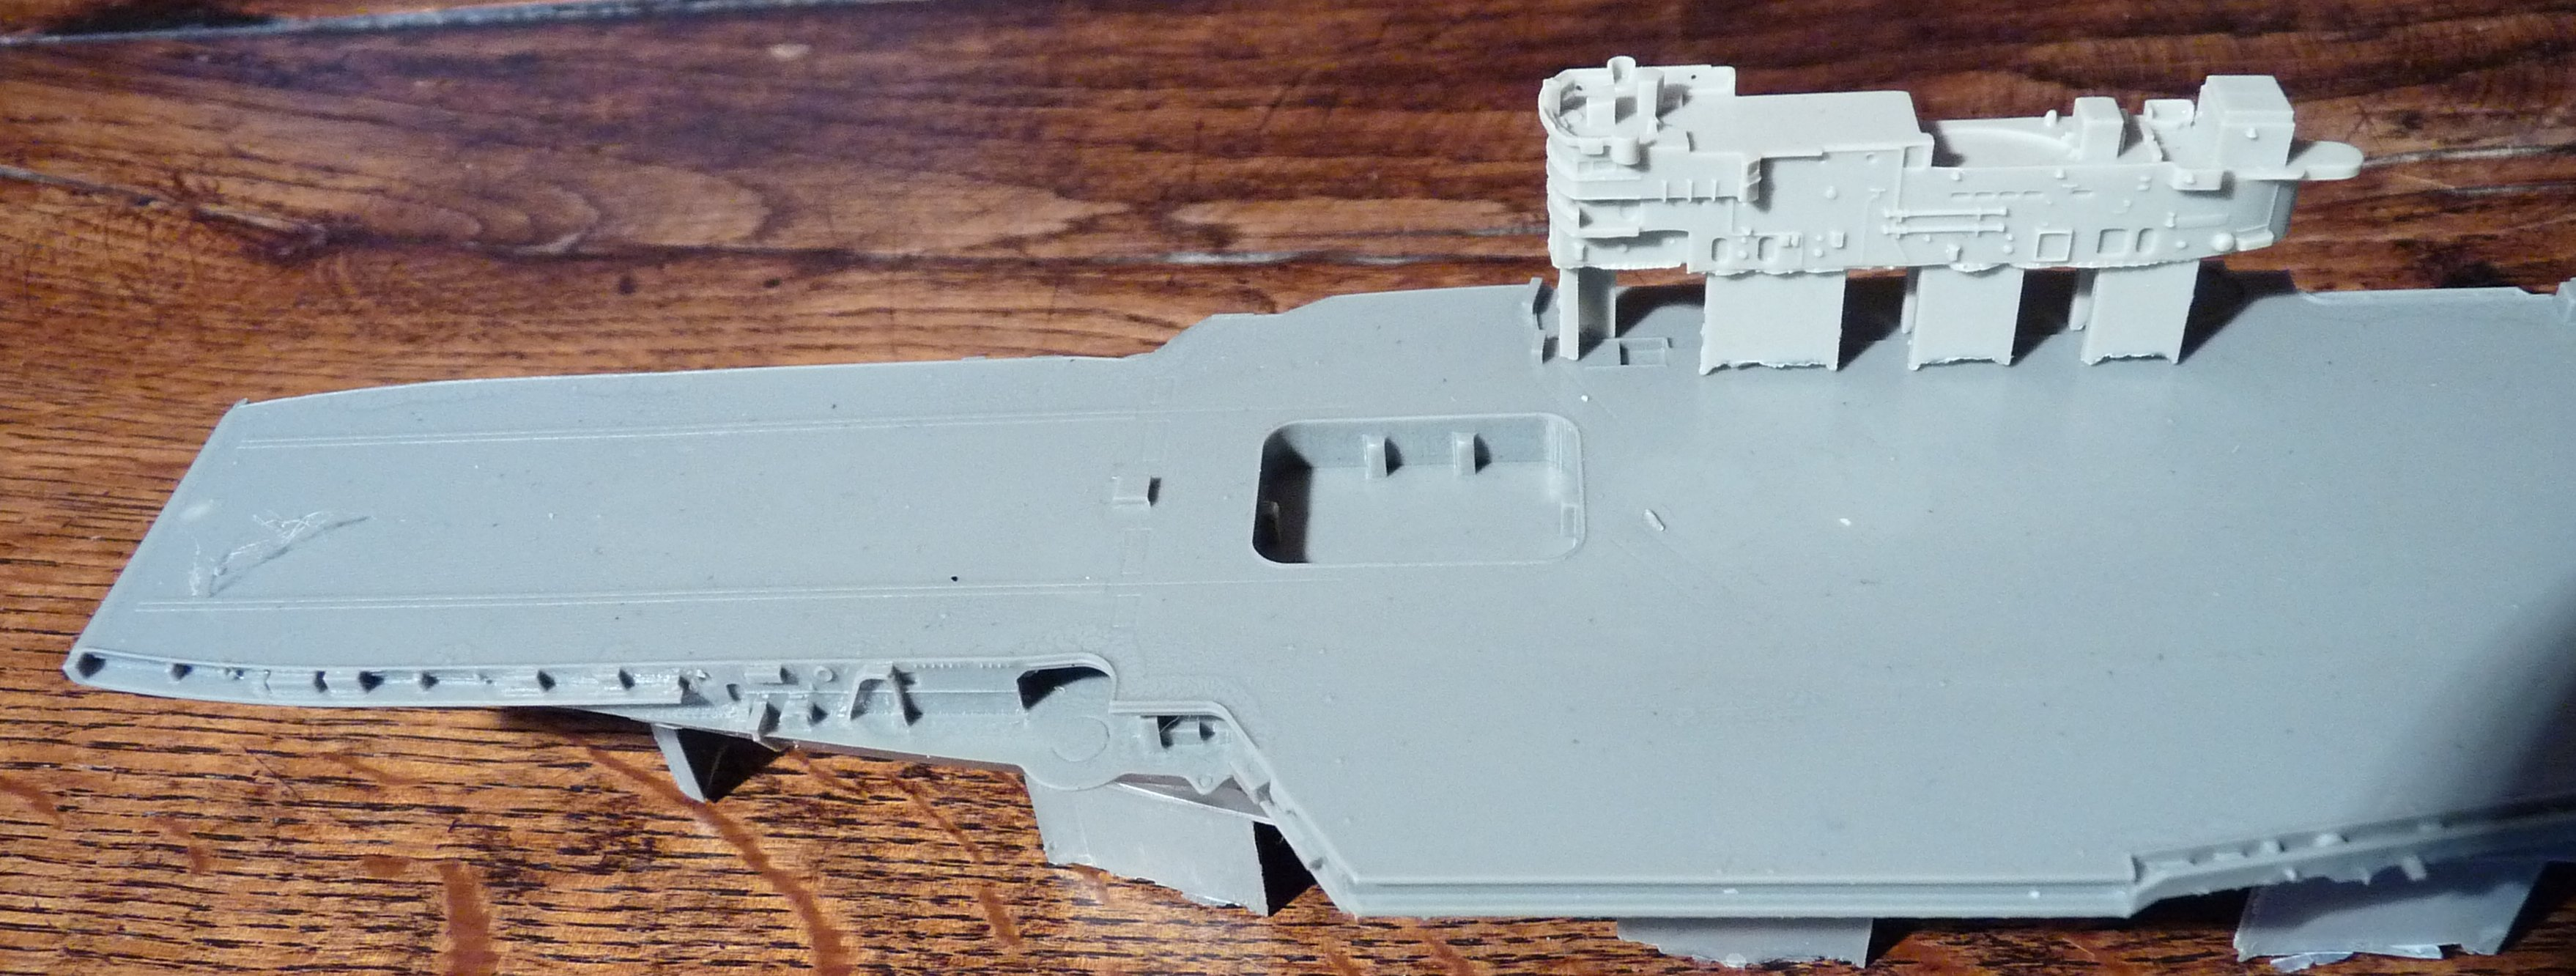 [HMS Victorious après refonte] 1/700e maquette Orange Hobby 17072112560923134915159379